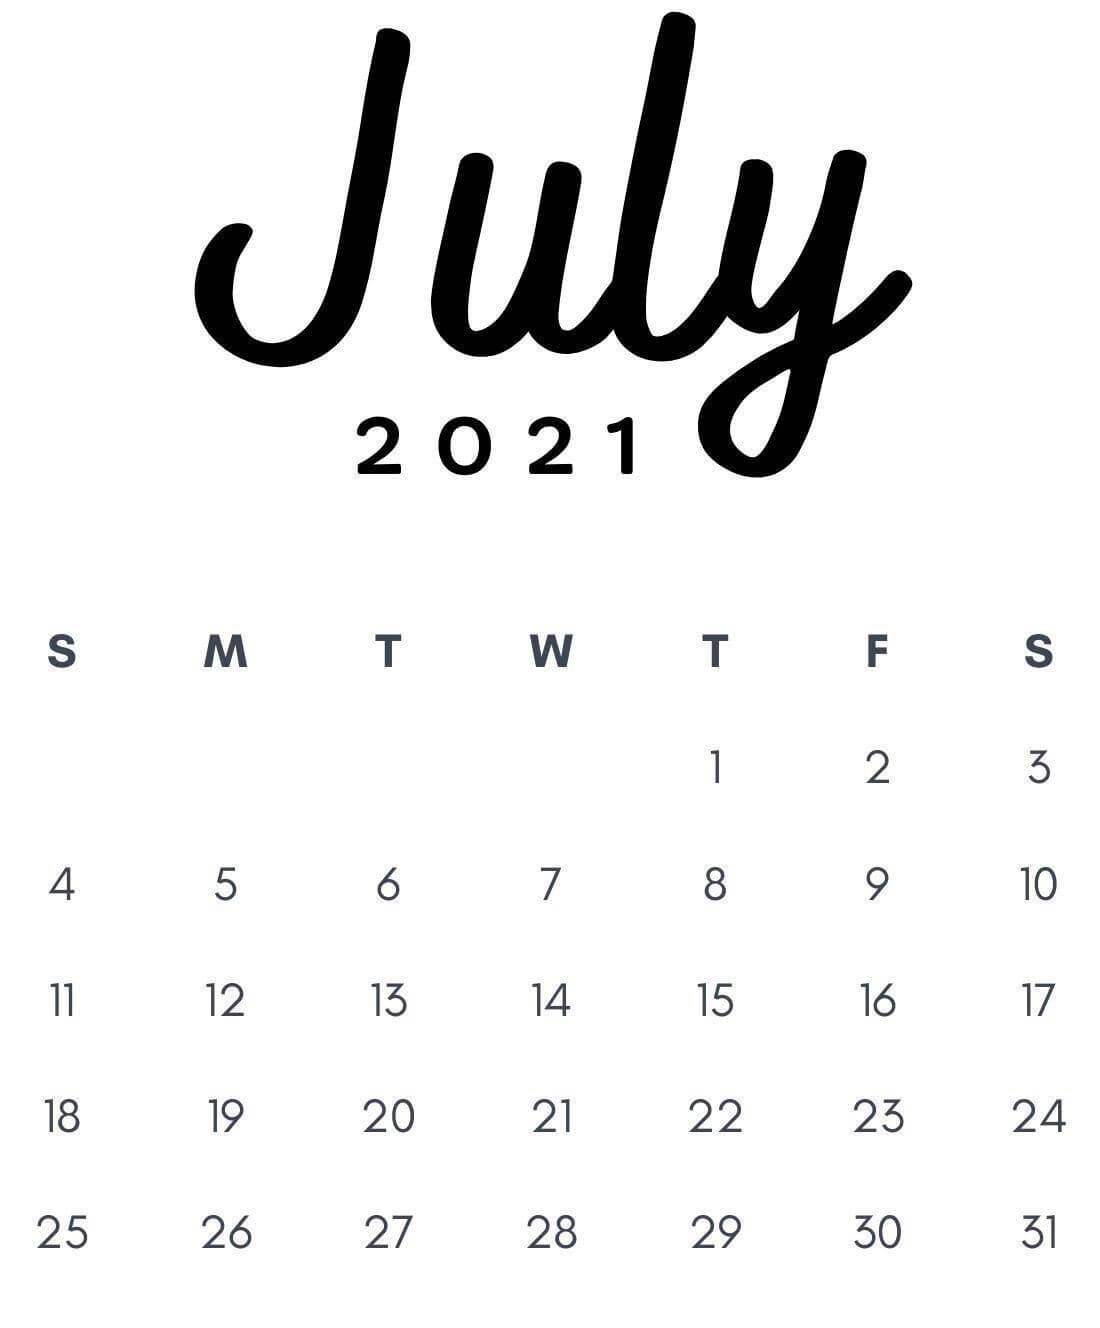 July 2021 Desktop Calendar Wallpaper